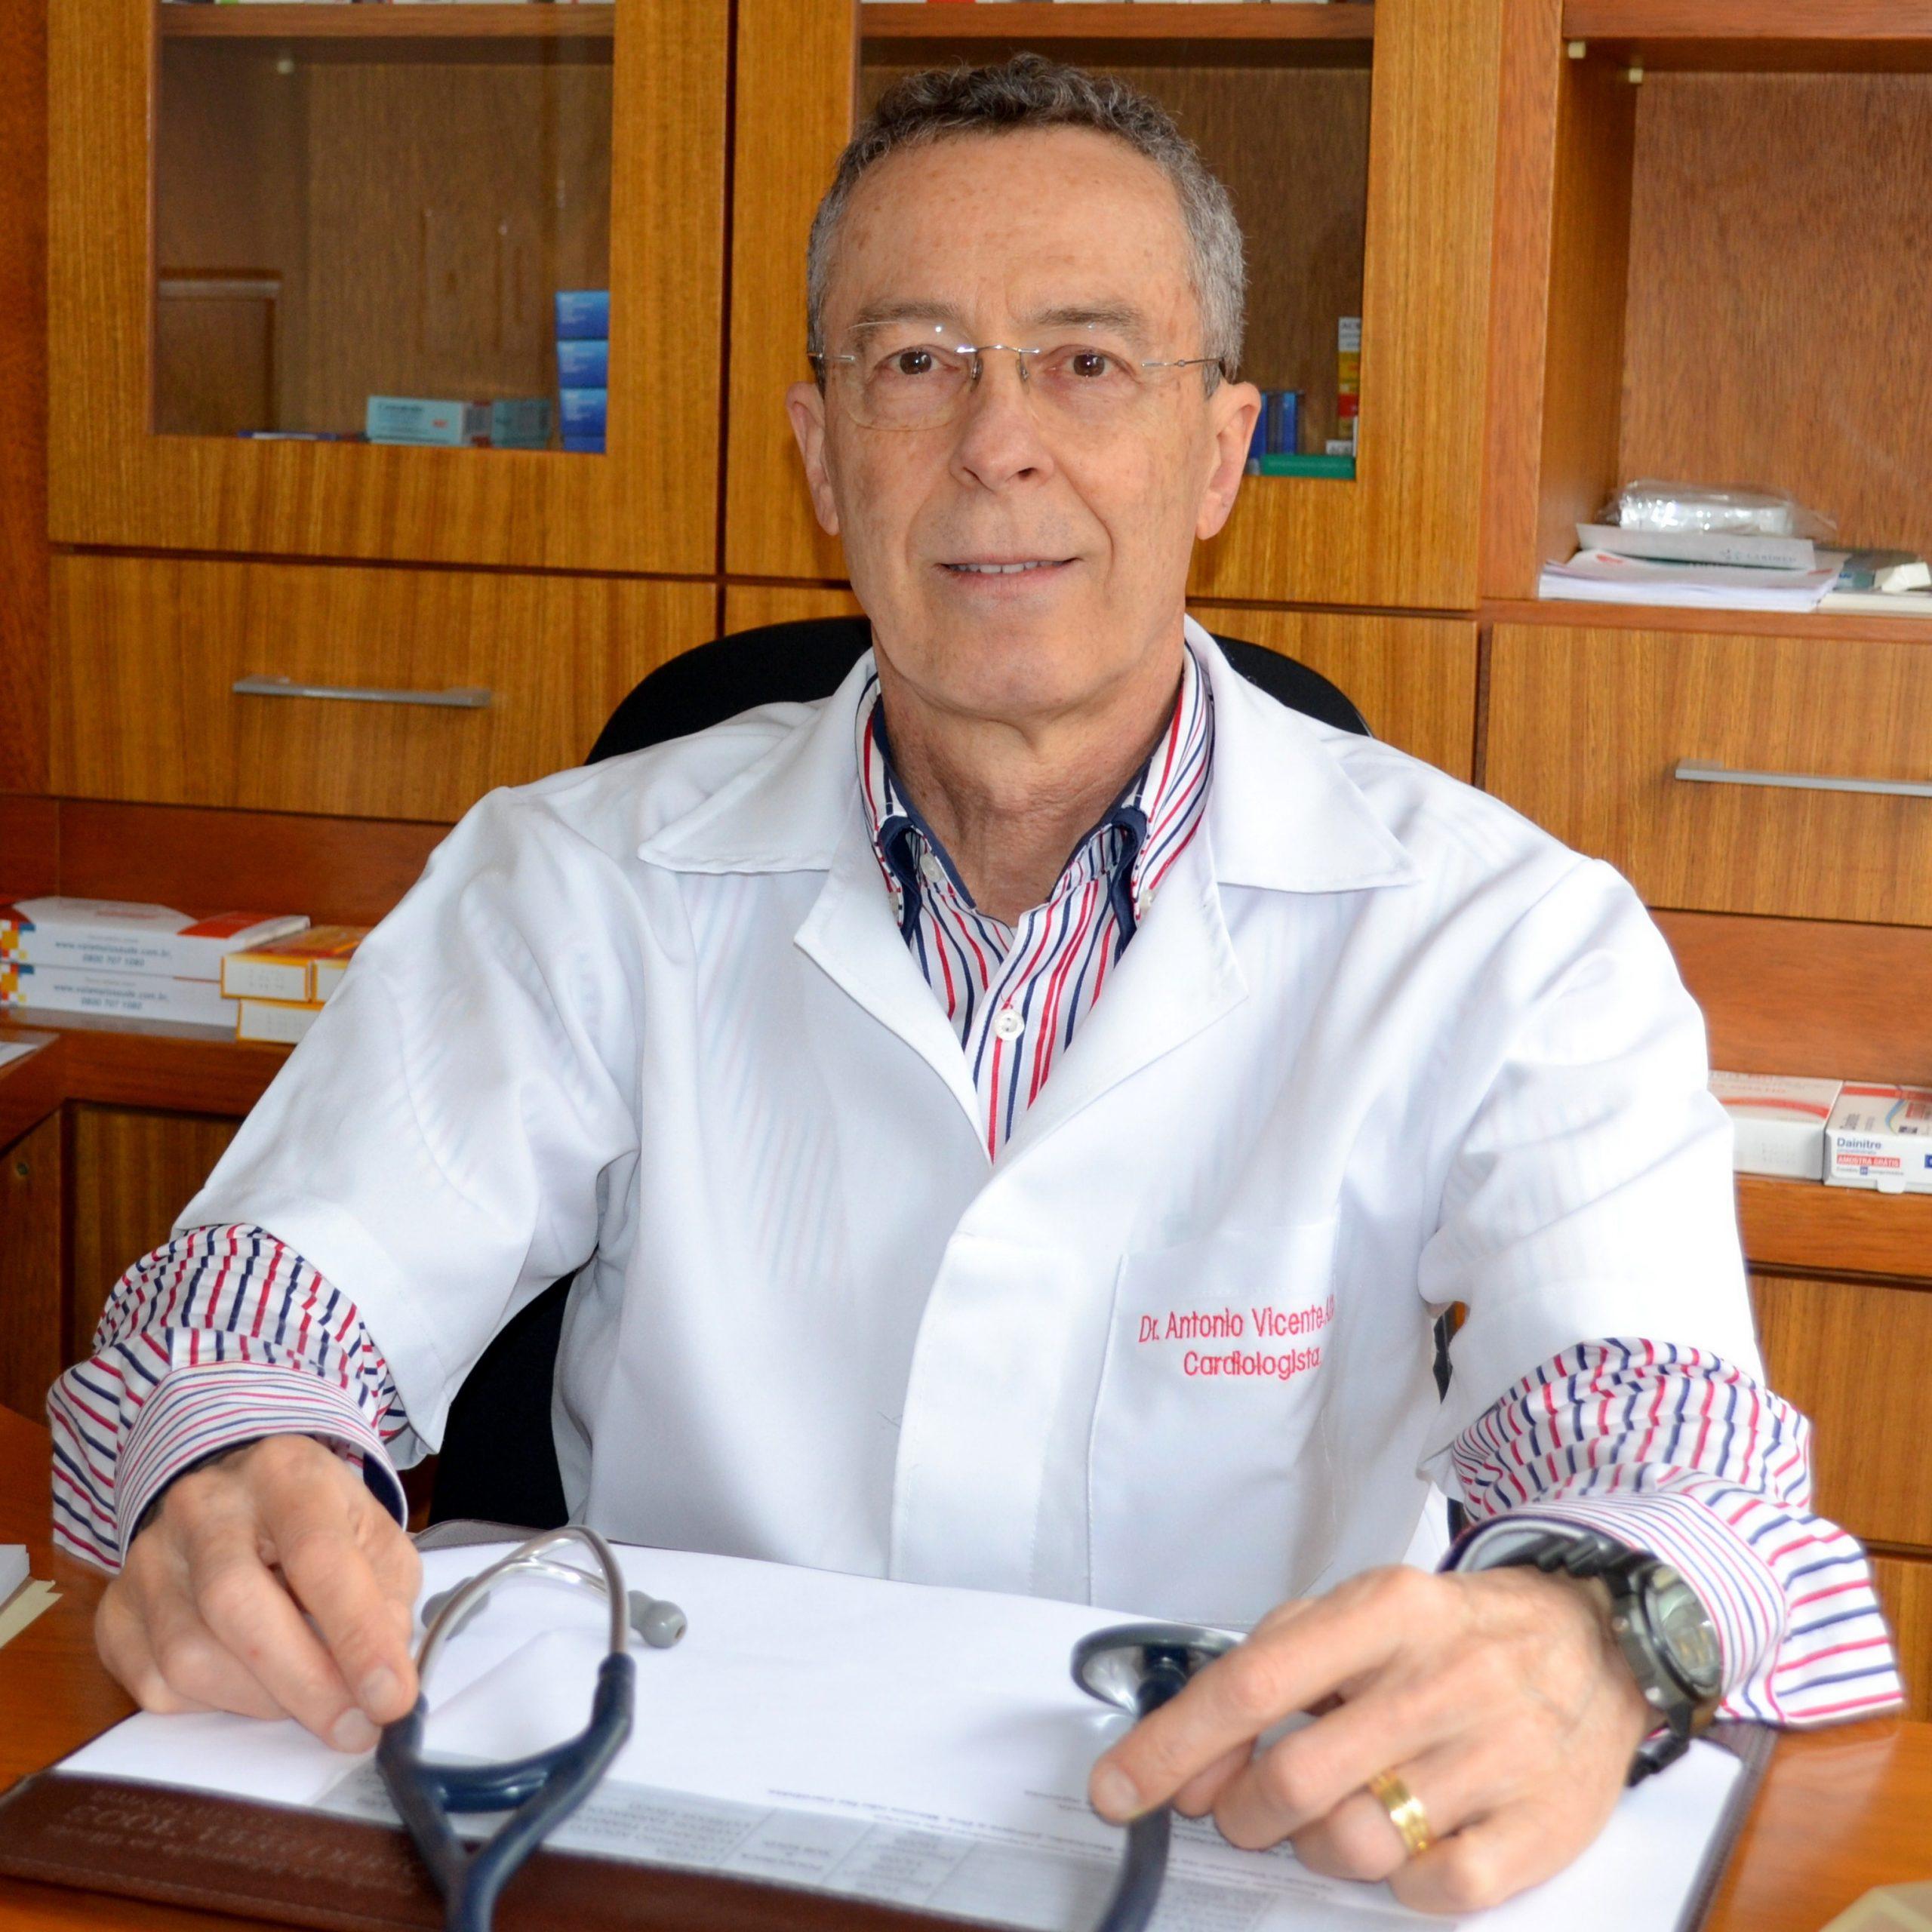 Dr. Antonio Vicente